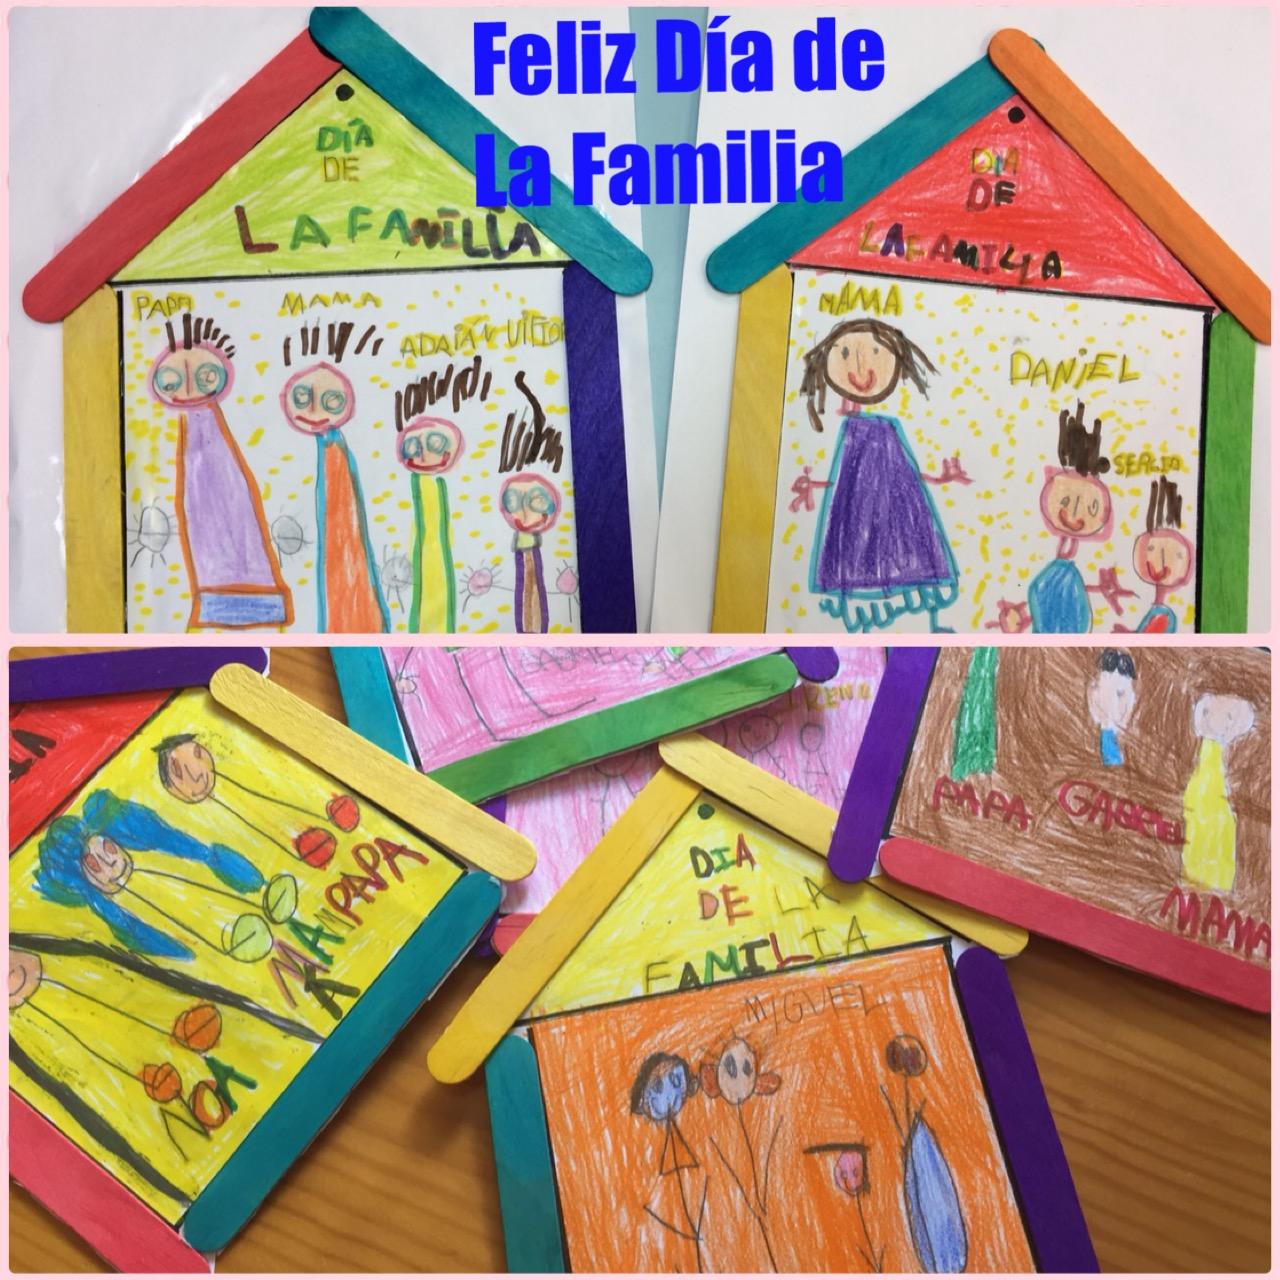 Infantiles de ana v d a de la familia - Manualidades en familia ...